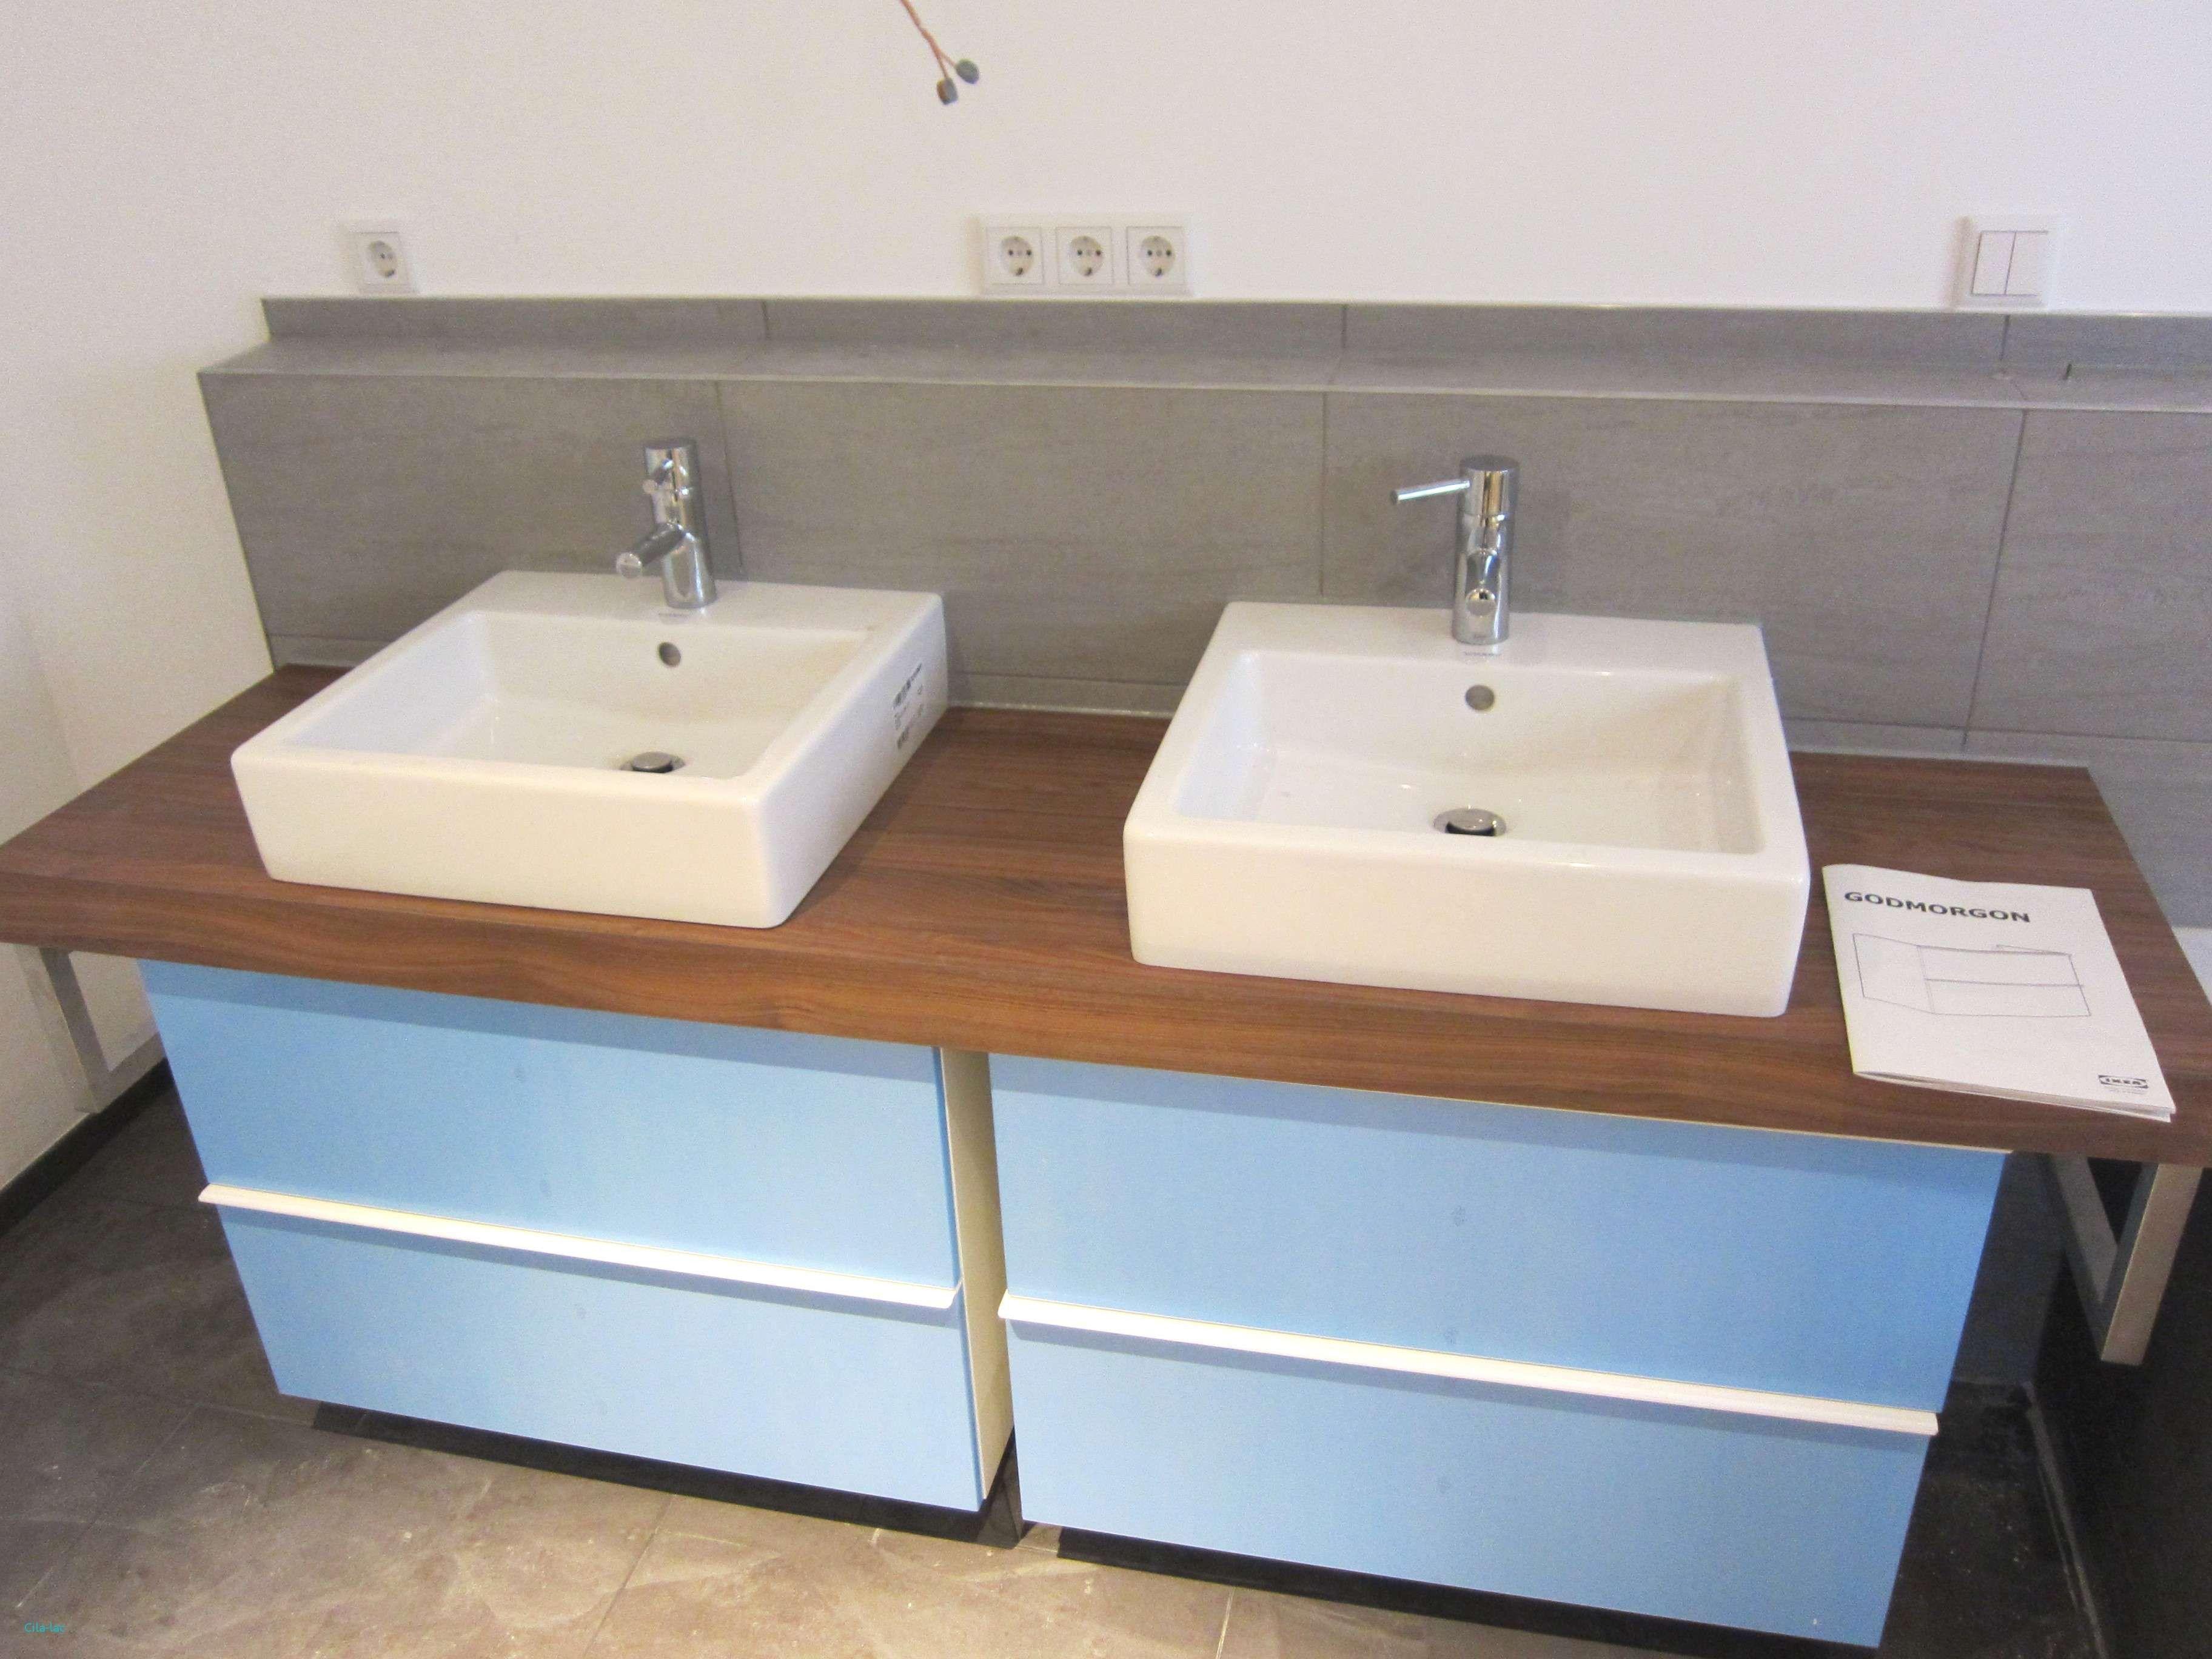 6 Waschtische Mit Unterschrank Obi Avaformalwear Eintagamsee Unterschrank Ikea Badezimmer Unterschrank Unterschrank